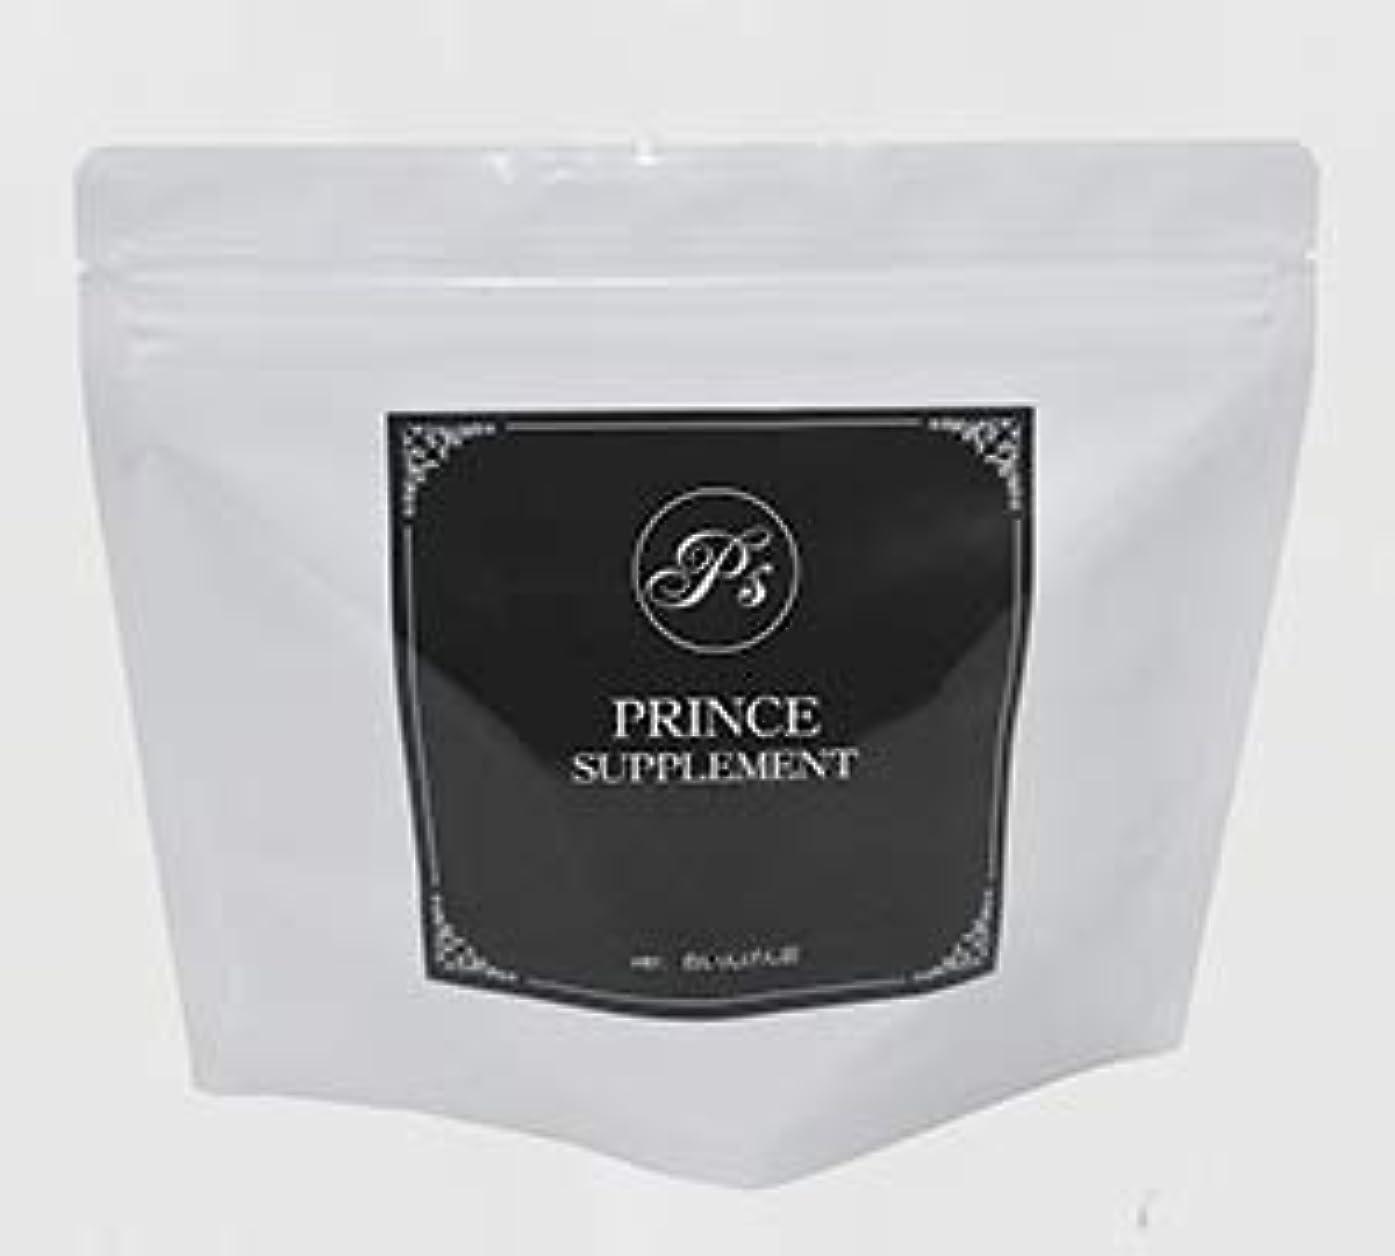 スリチンモイ拮抗する鉄道プリンスサプリメント ver.白いんげん豆 45g(1包1.5g×30包) ミスユニバースジャパン2018エリアページェント公式商品 PRINCE SUPPLEMEMT